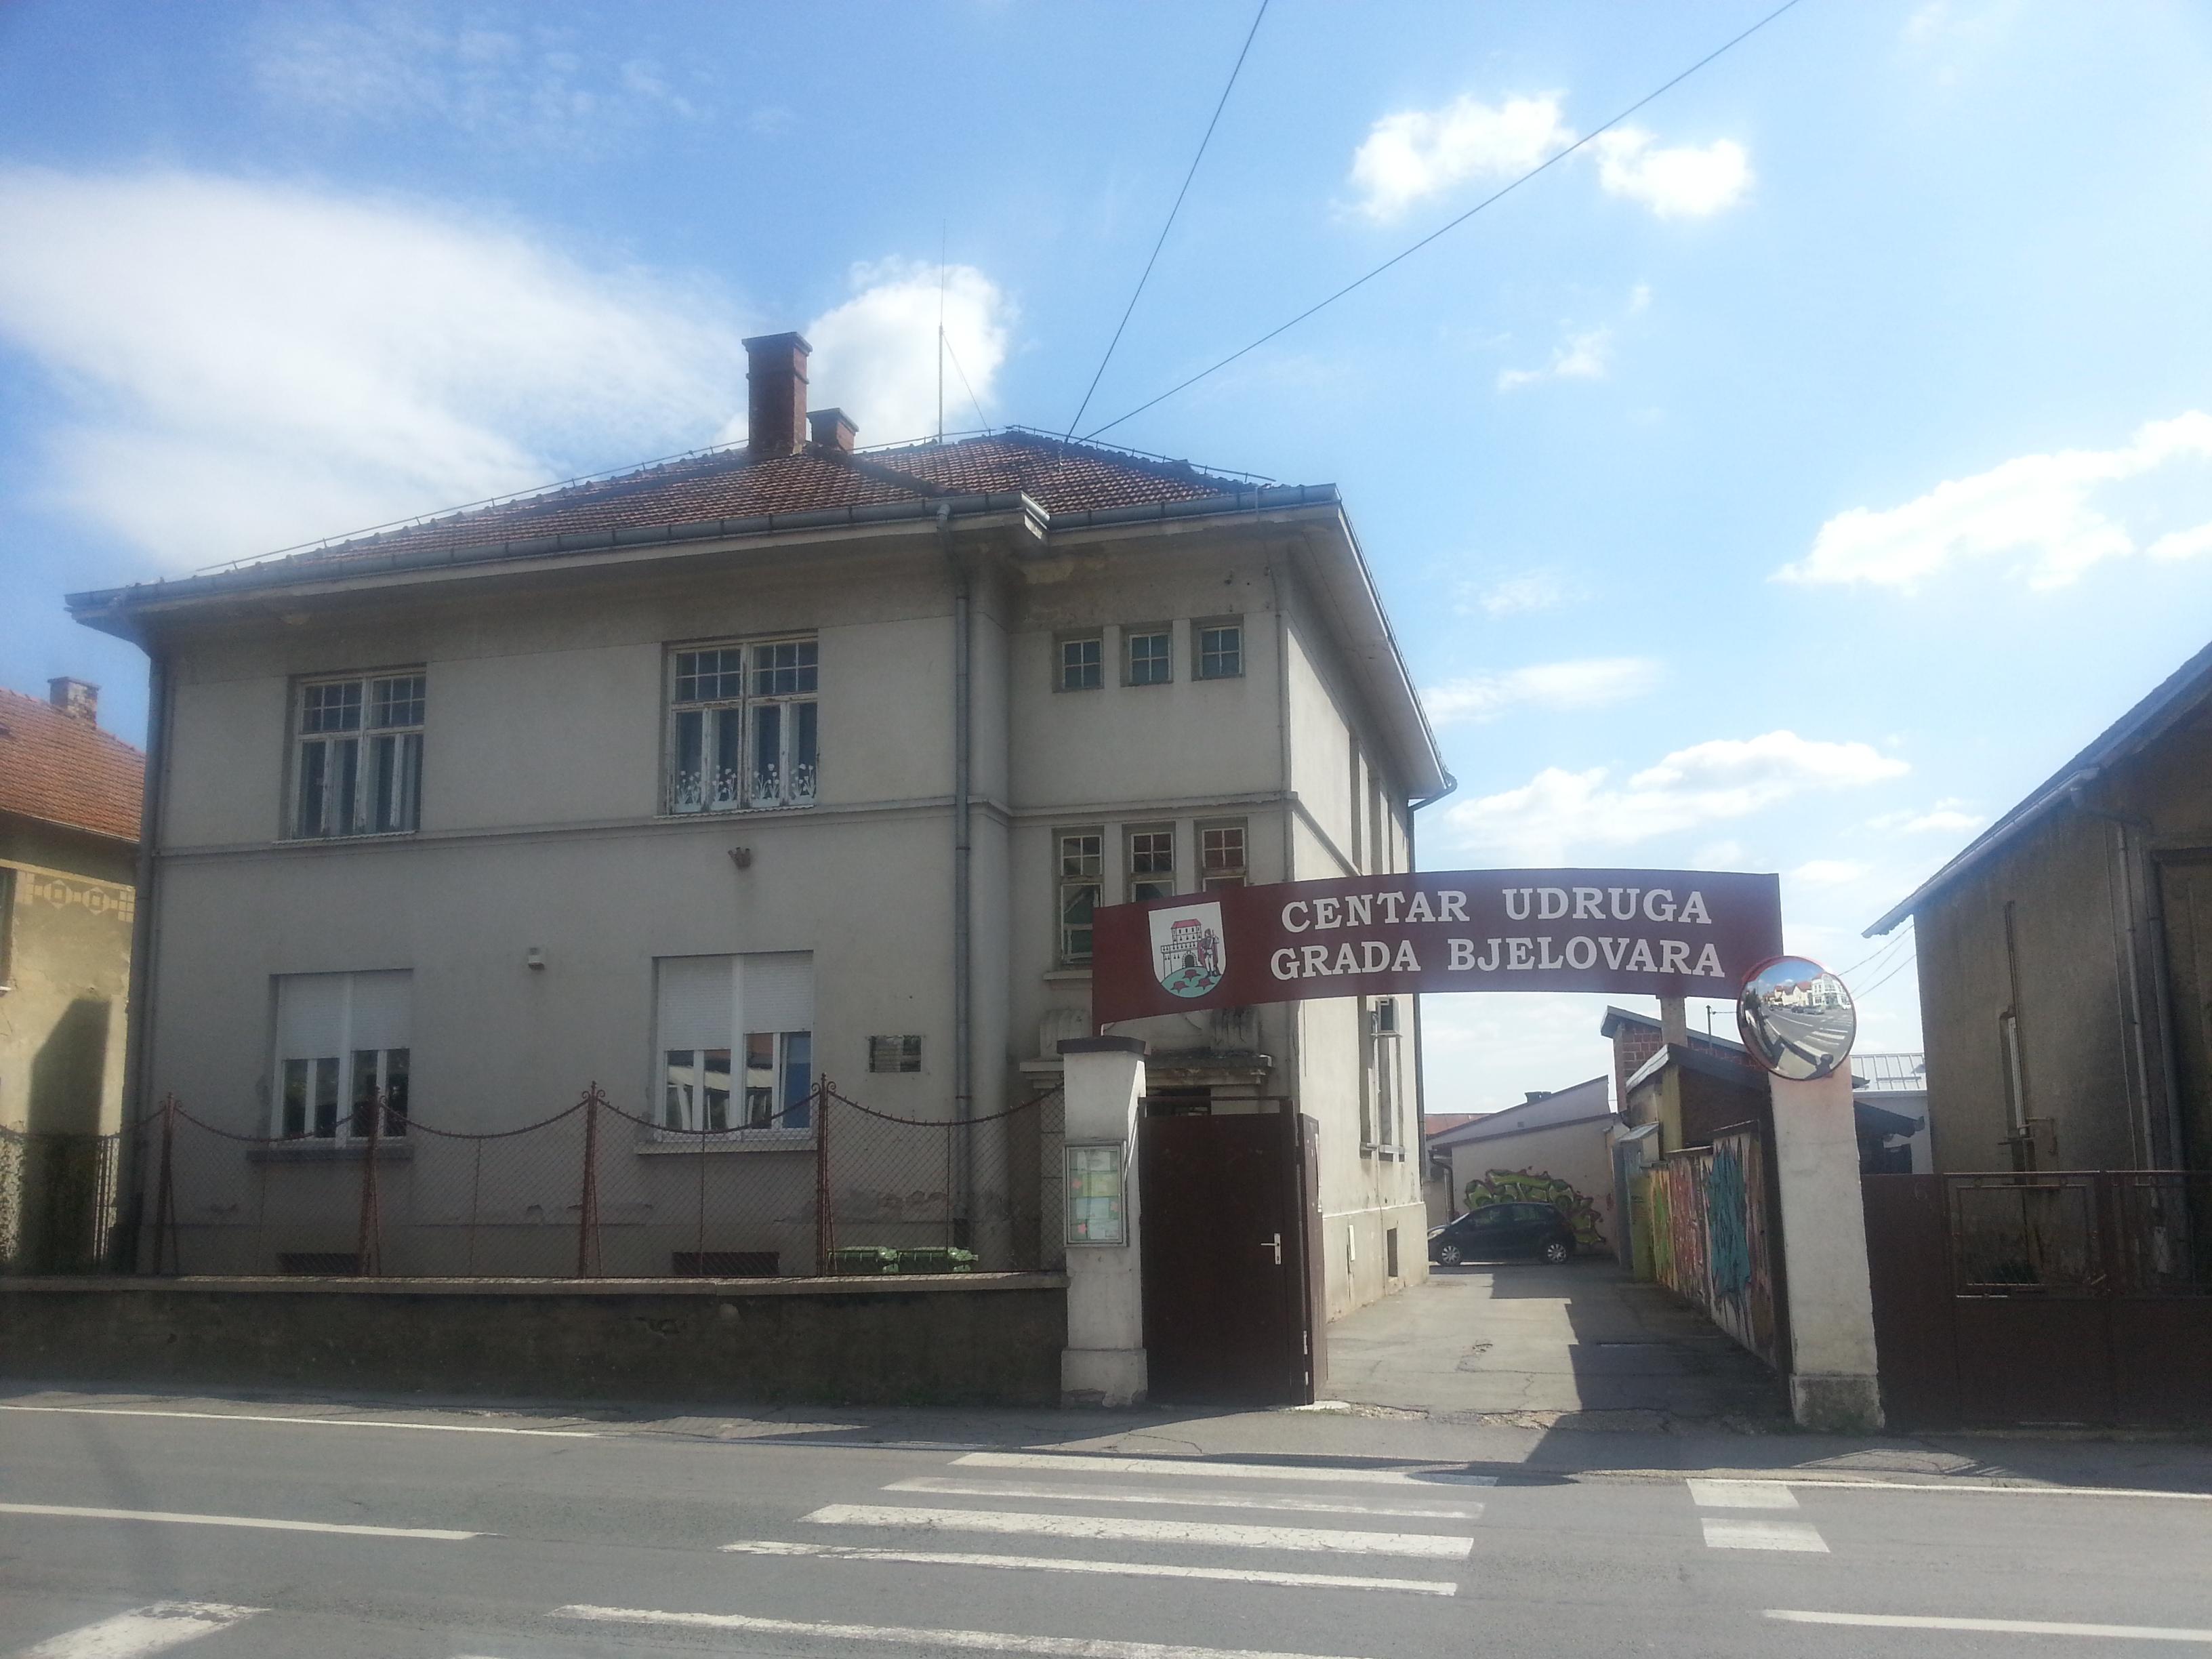 Poslovni prostori Grada Bjelovara - Ulica Tomaša Masaryka 8